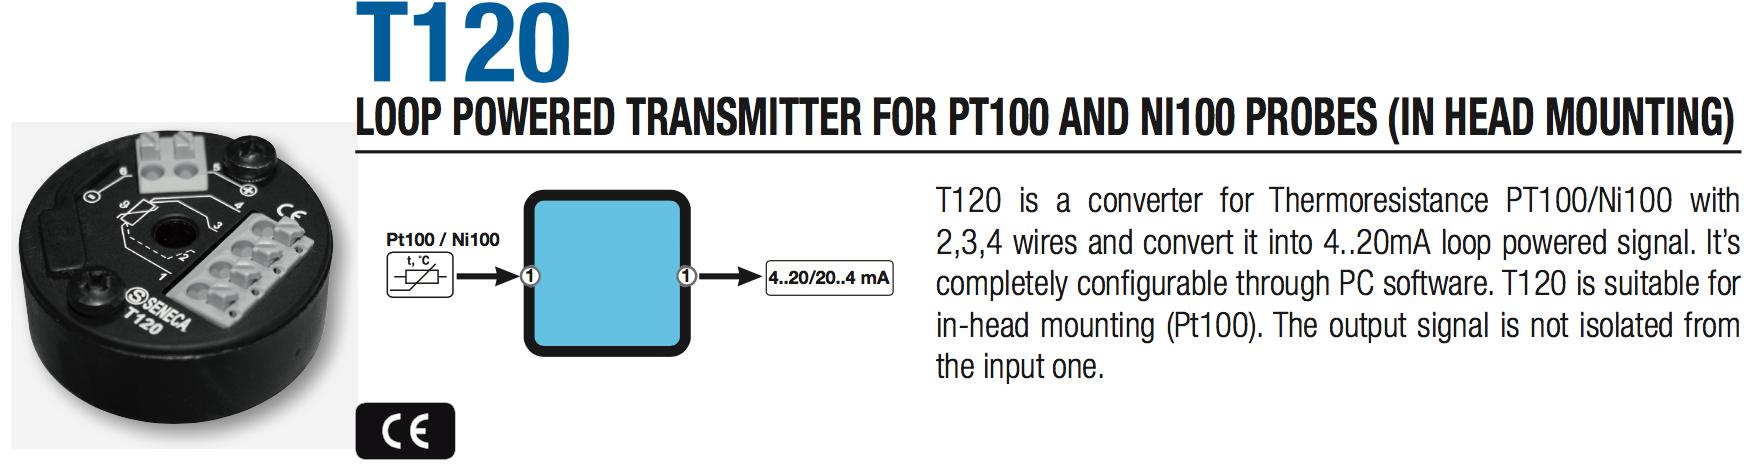 bộ chuyển đổi tín hiệu pt100 T120